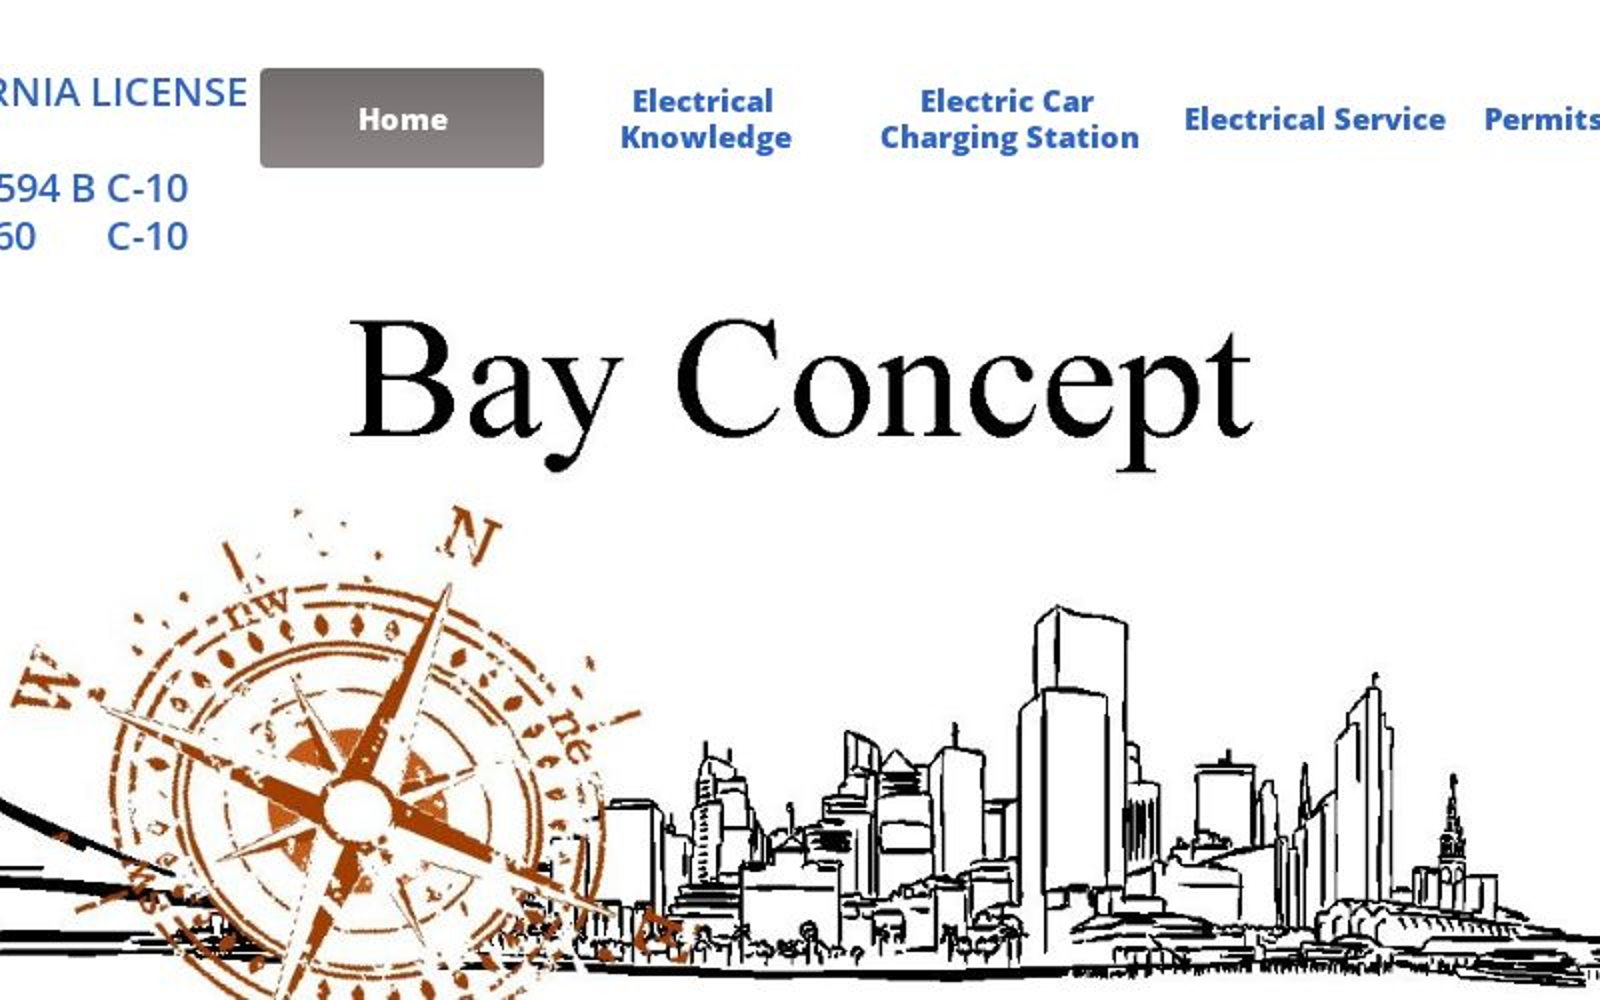 BAY-CONCEPT